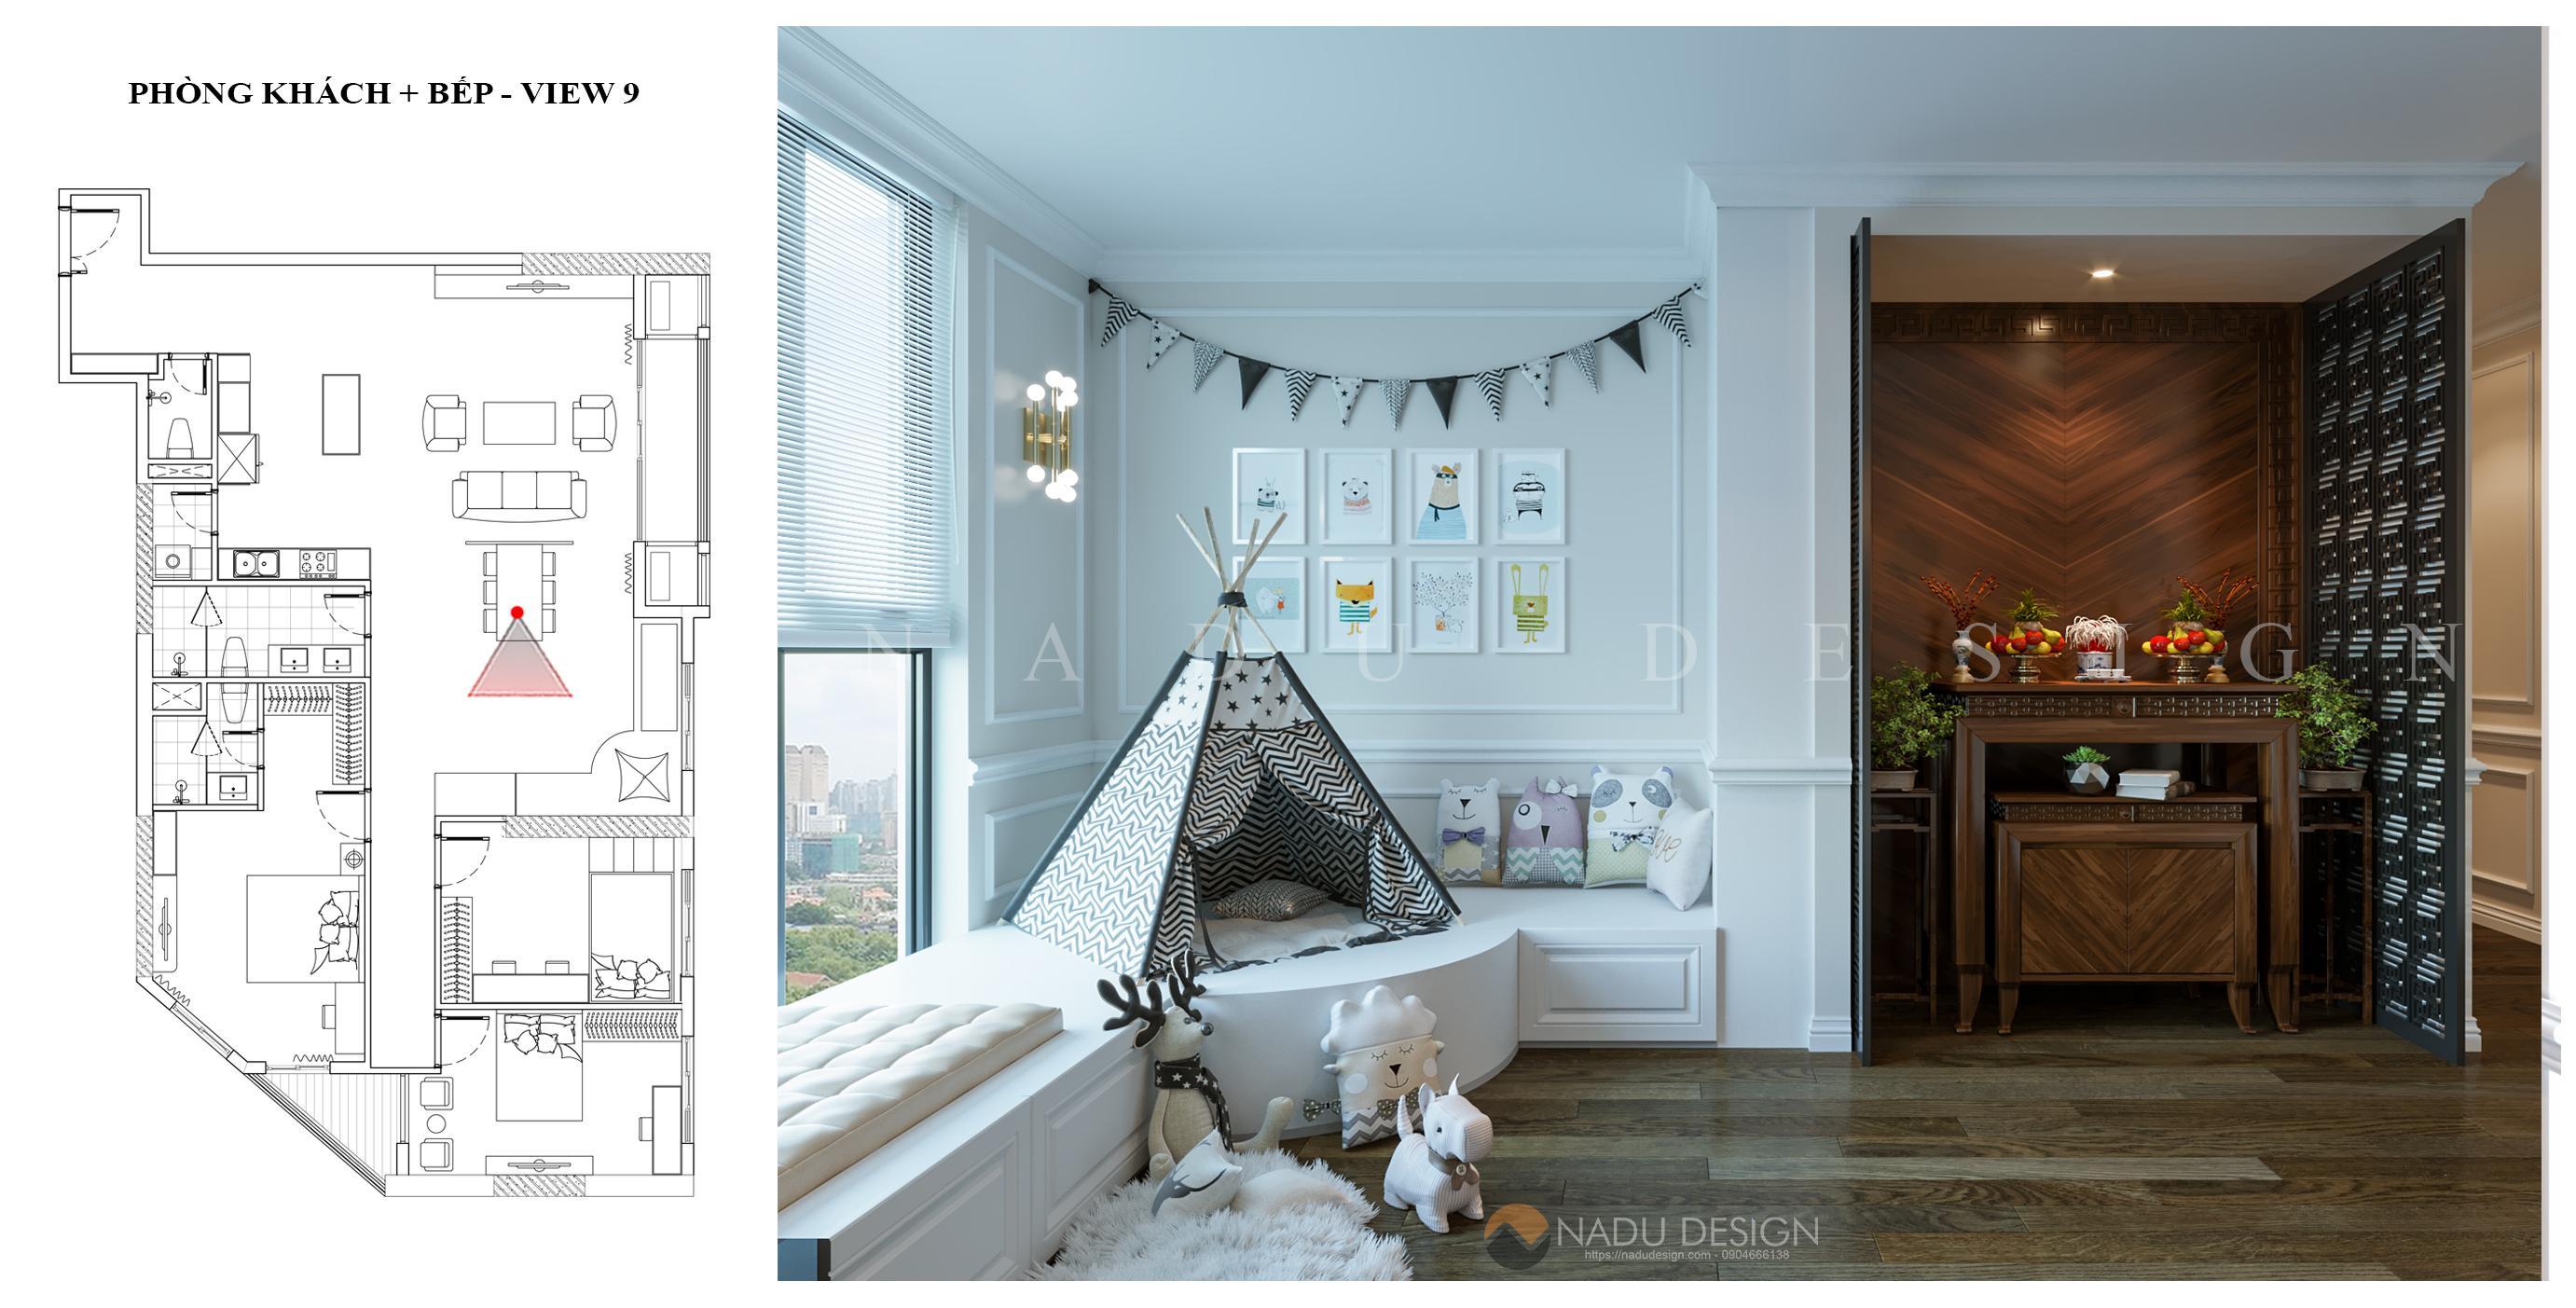 Thiết kế nội thất chung cư Sun Grand City theo phong cách tân cổ